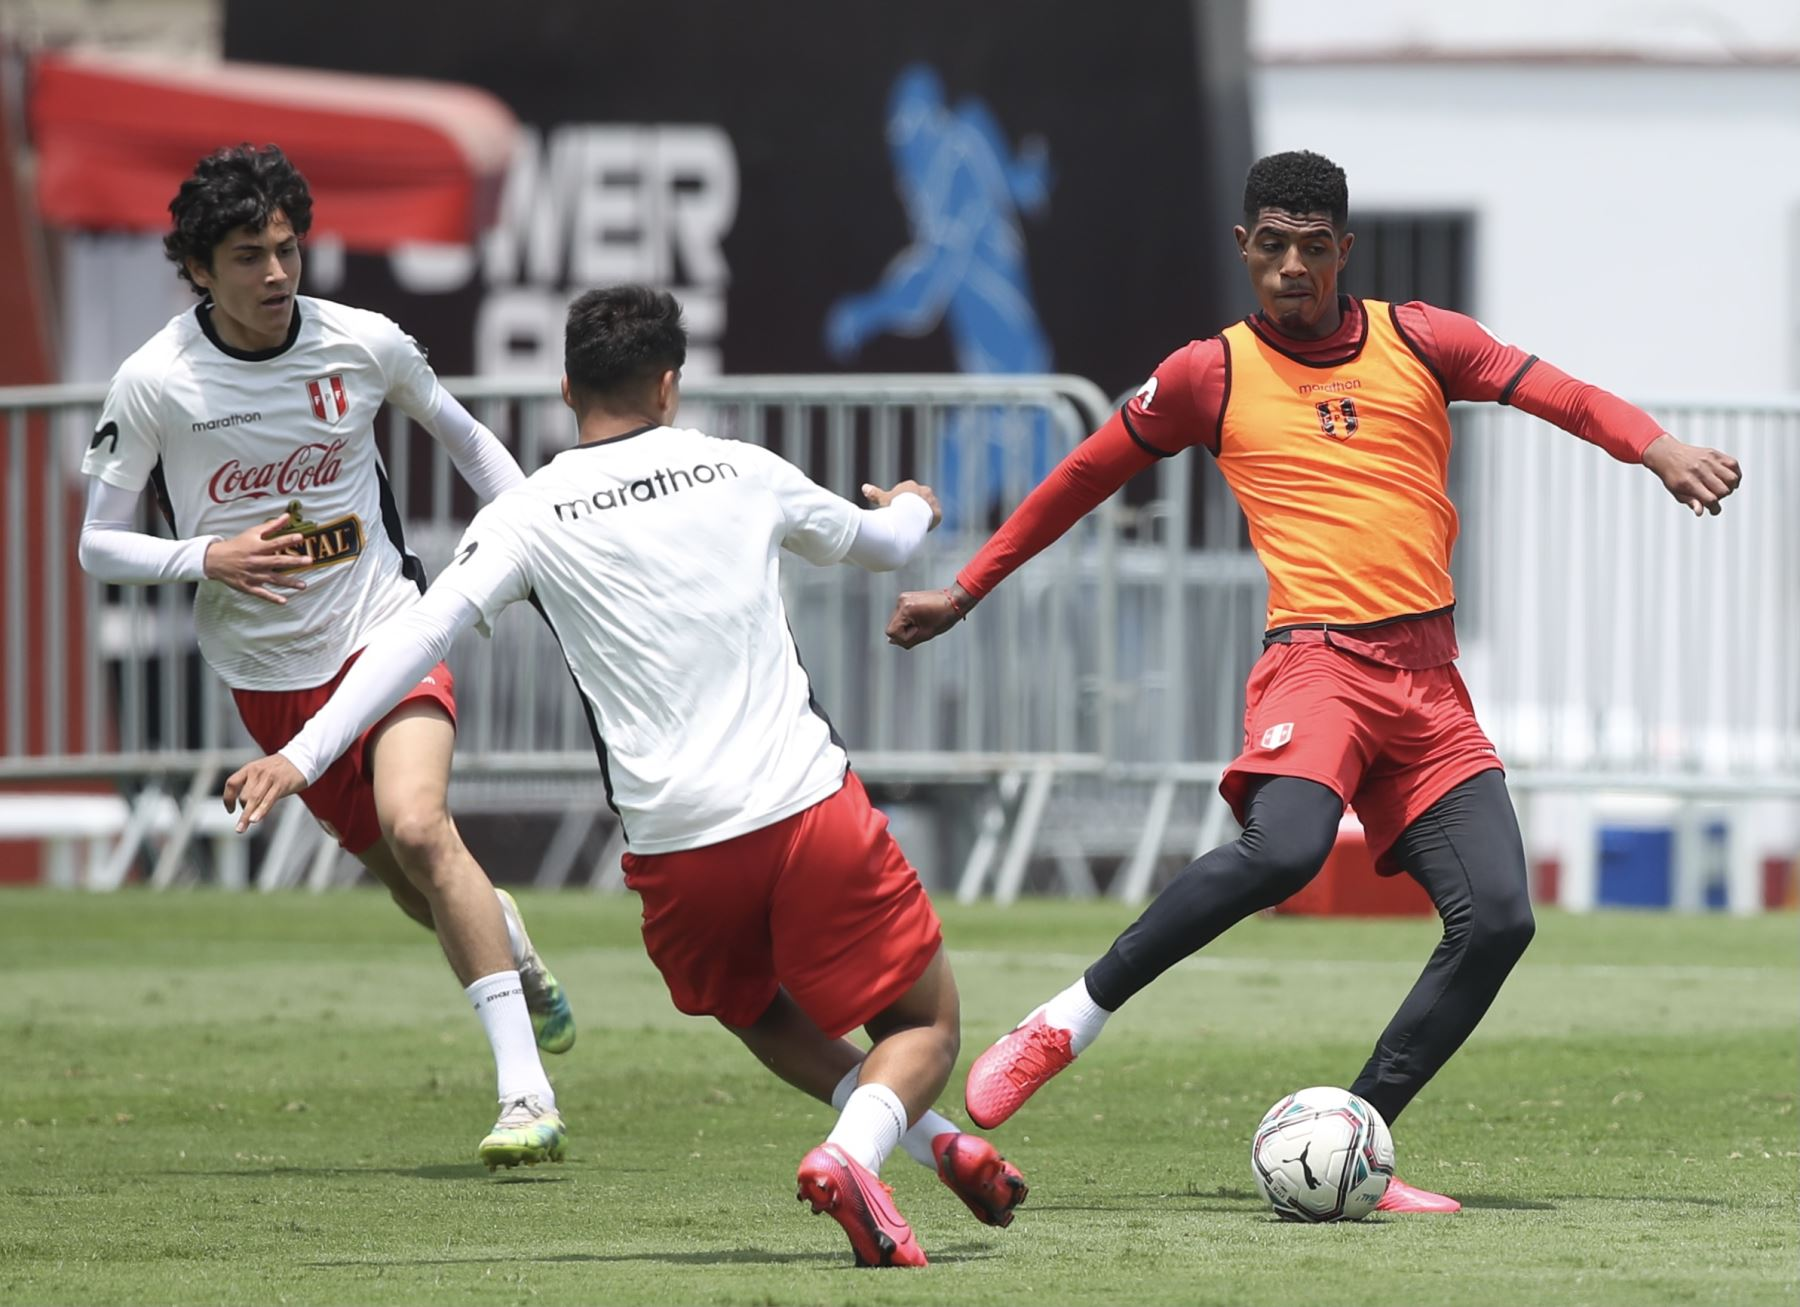 Selección peruana completó sus entrenamientos por tercer día consecutivo en el Complejo Deportivo Videna FPF, con miras a su debut en las Clasificatorias a Qatar 2022. Foto: @SeleccionPeru